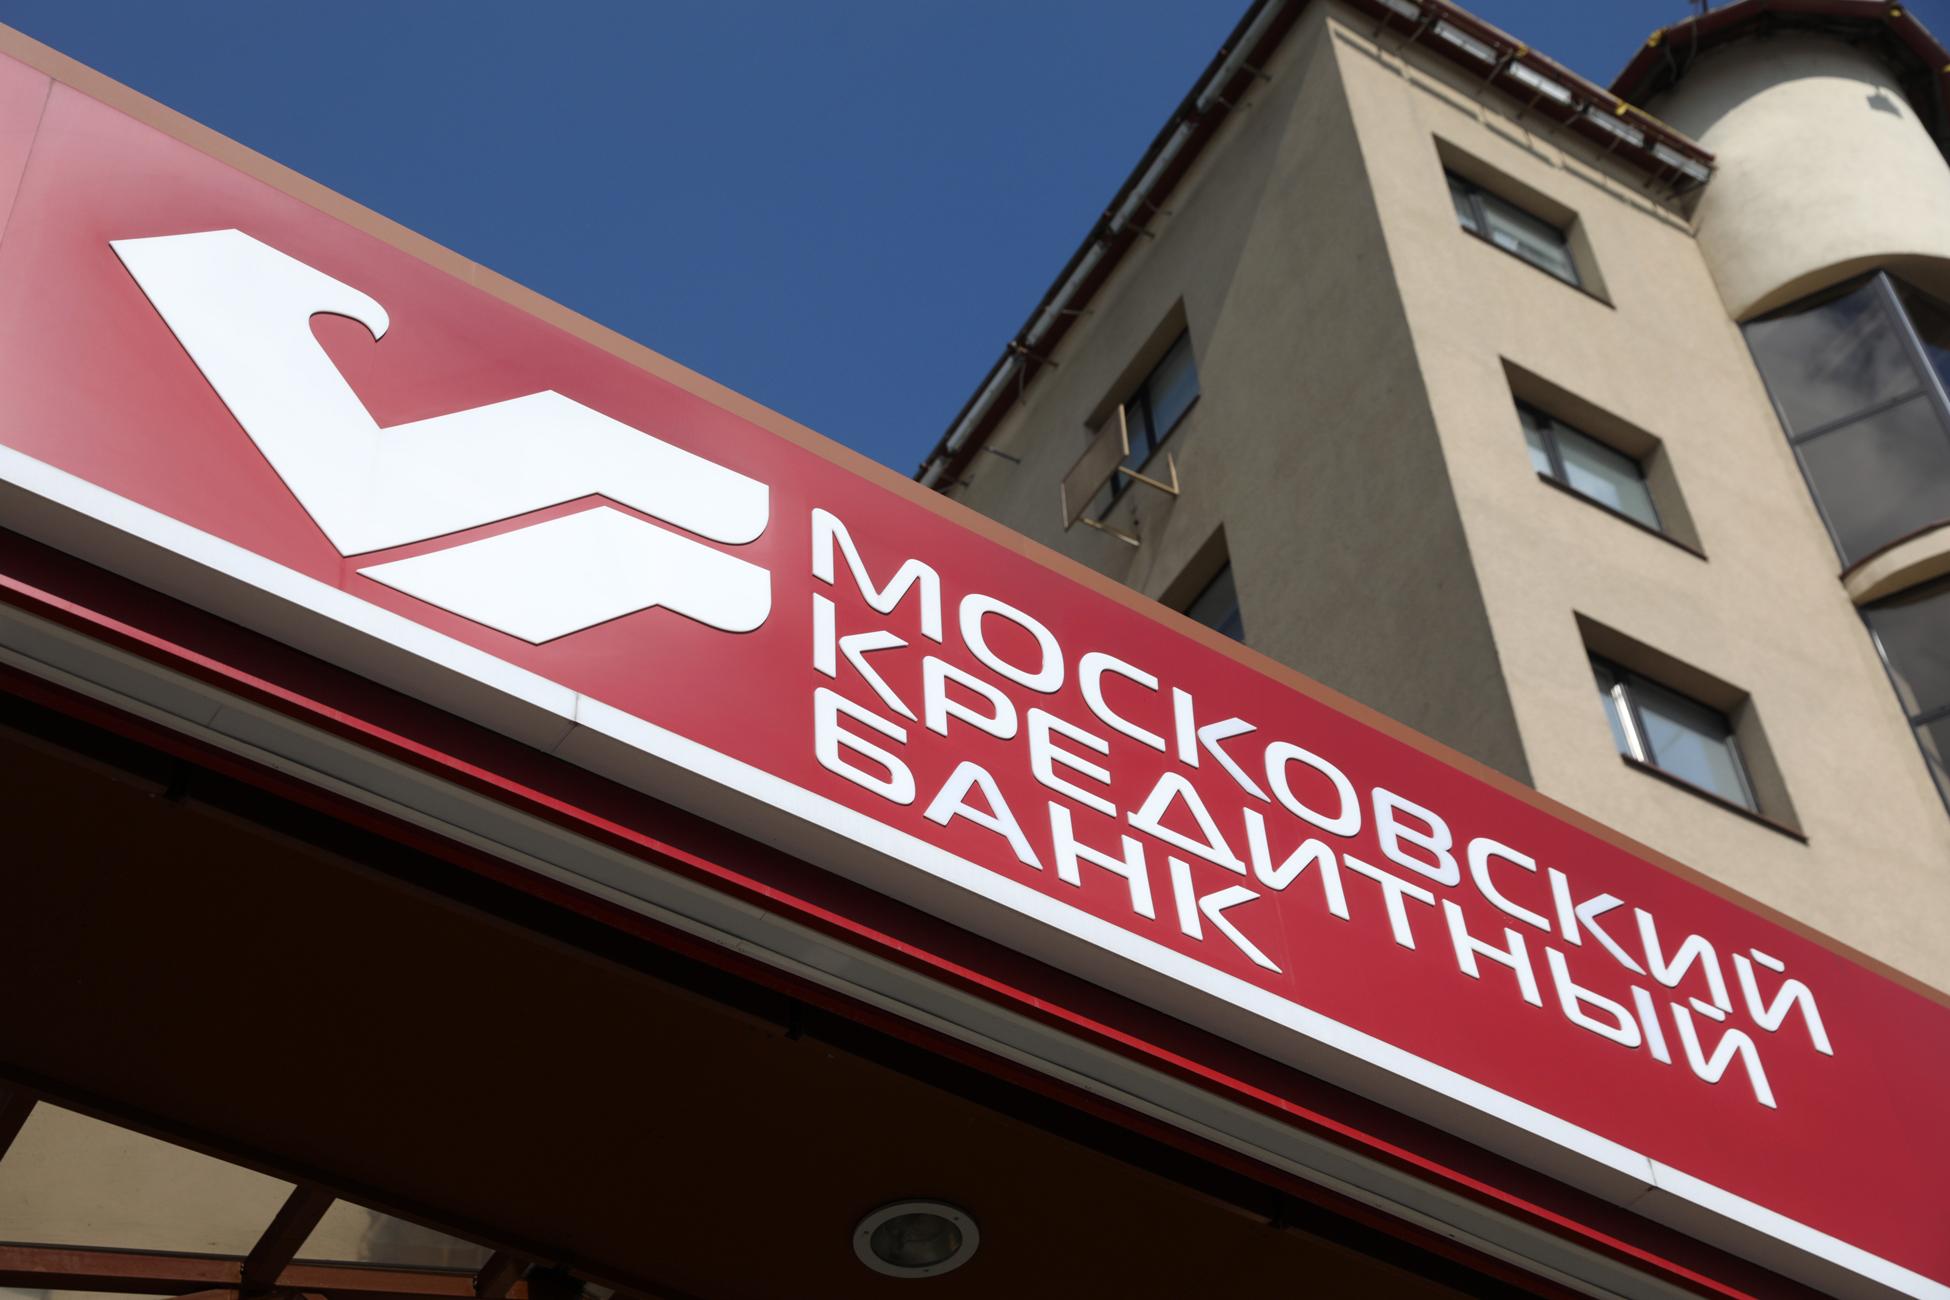 mkb private bank представил клиентам обновленный офис в Москве